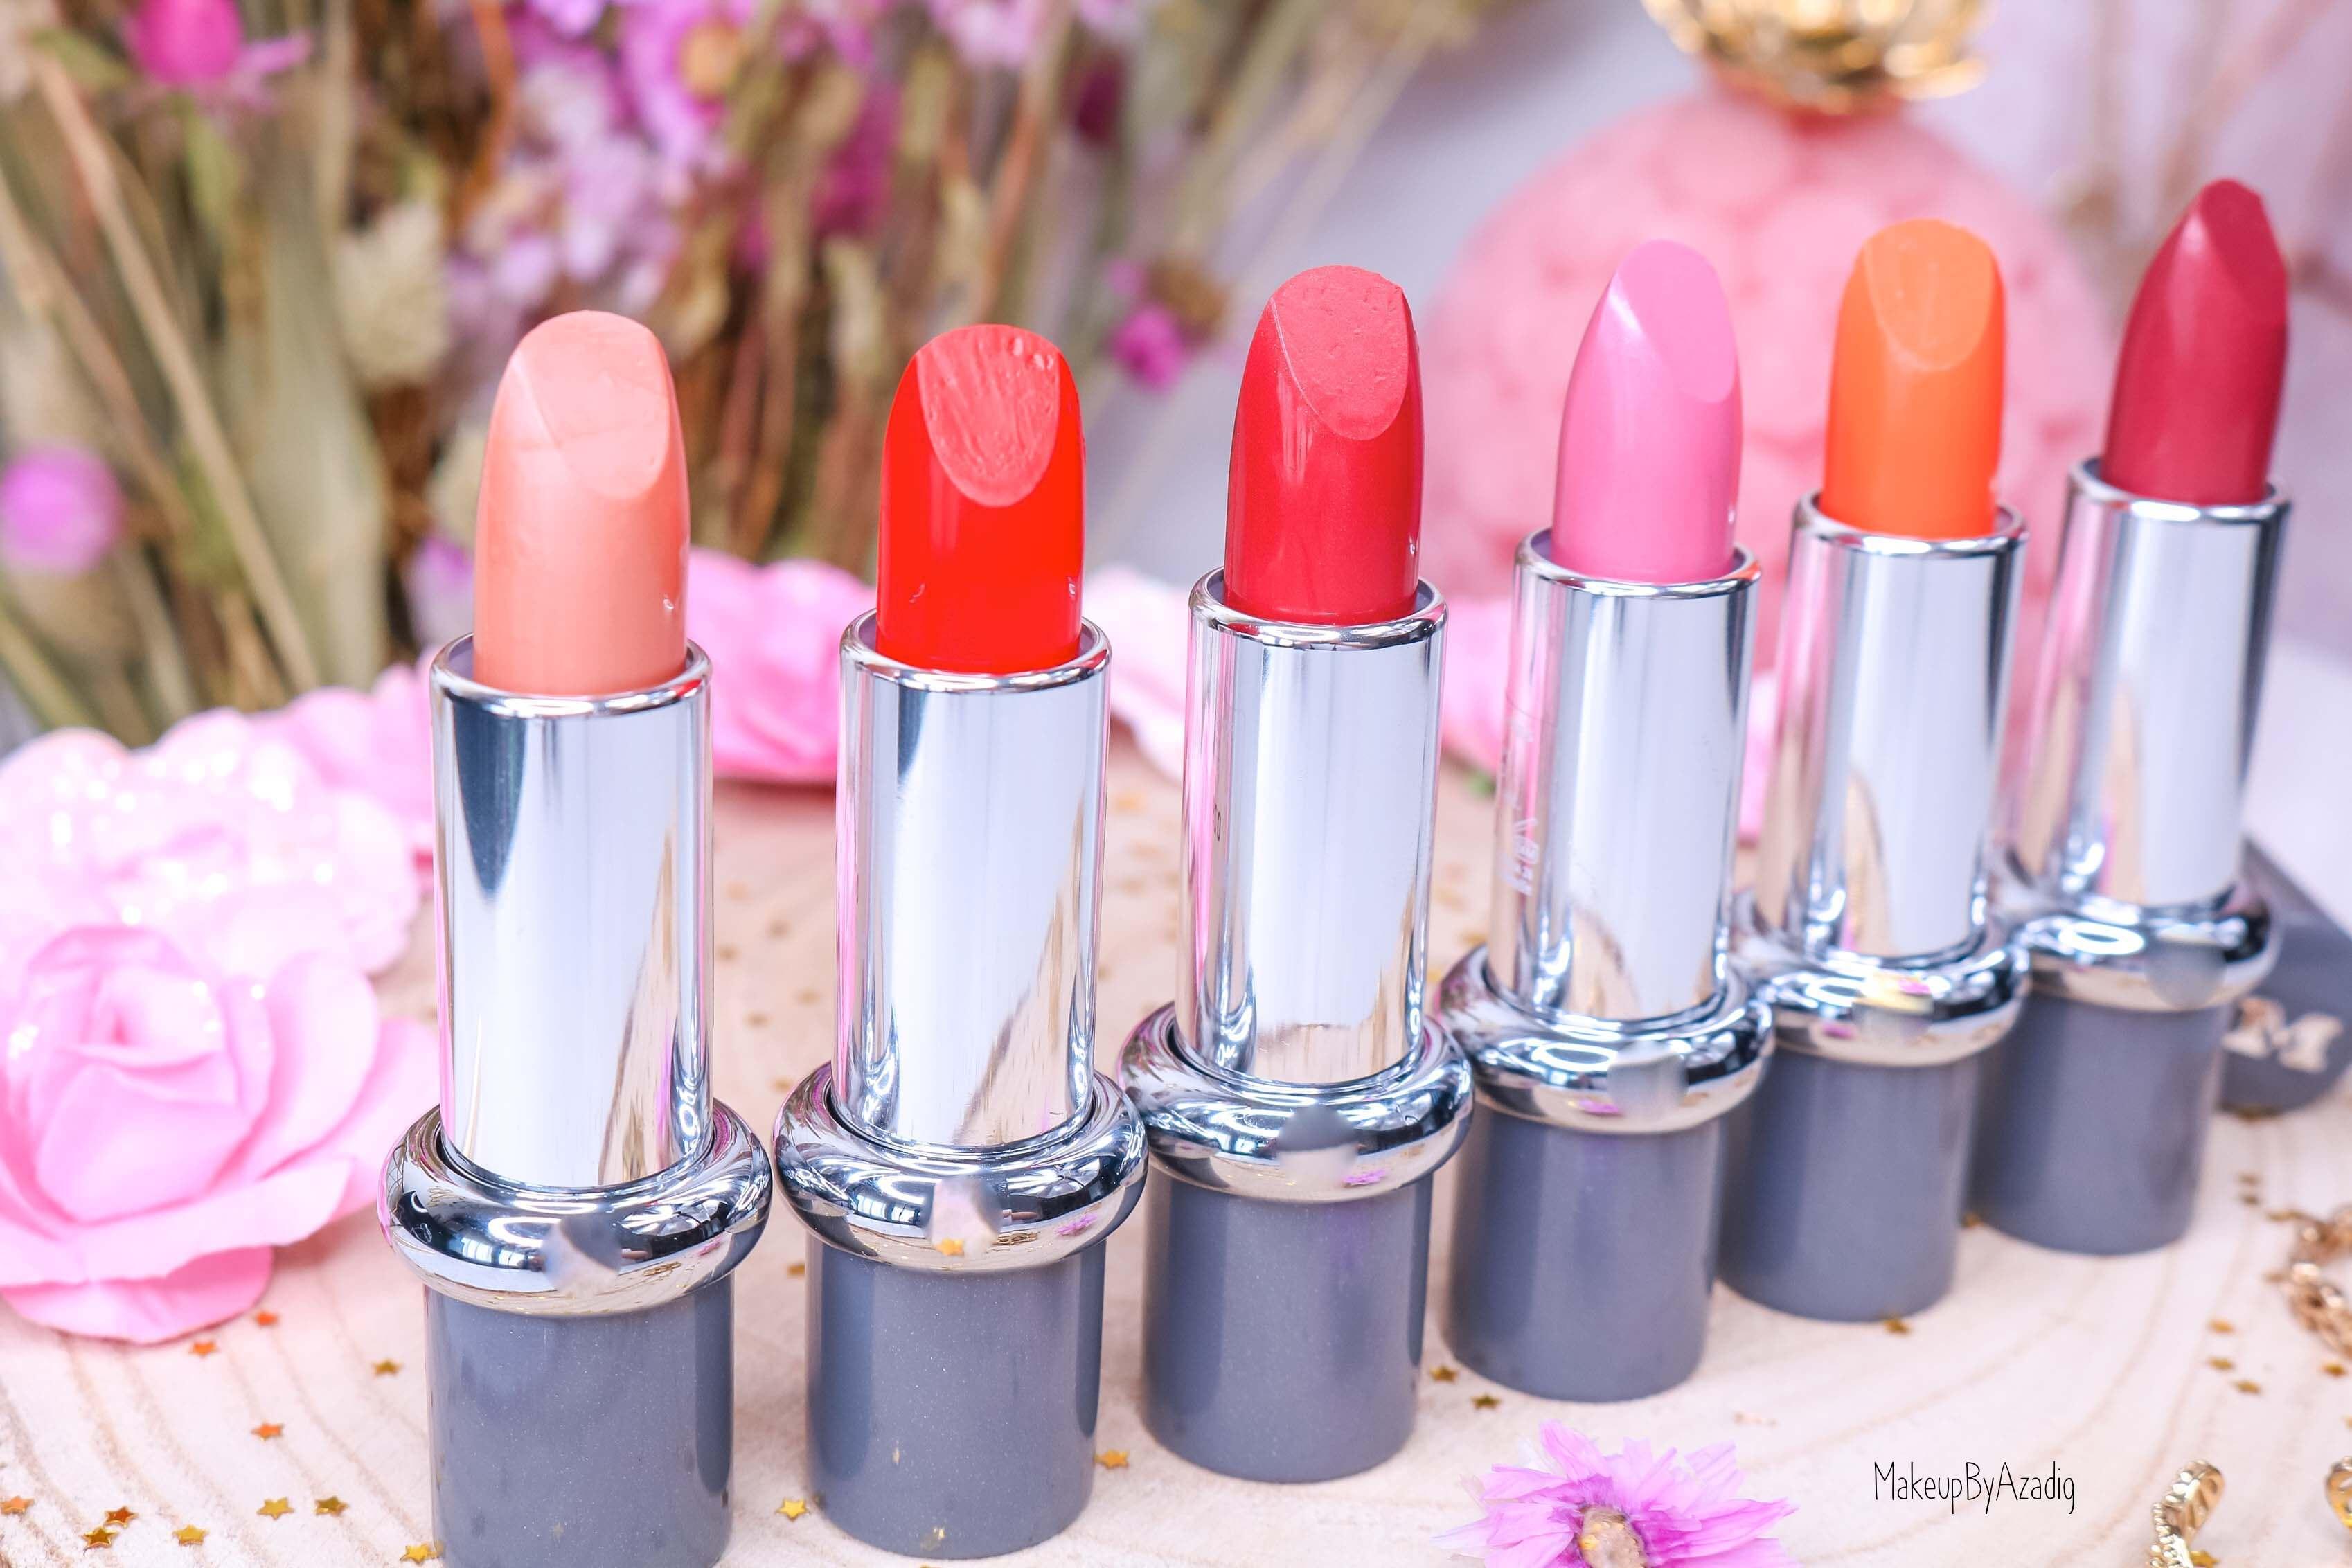 revue-rouge-a-levres-mavala-collection-sunlight-tendance-printemps-ete-2019-2020-monoprix-paris-makeupbyazadig-avis-prix-swatch-colors